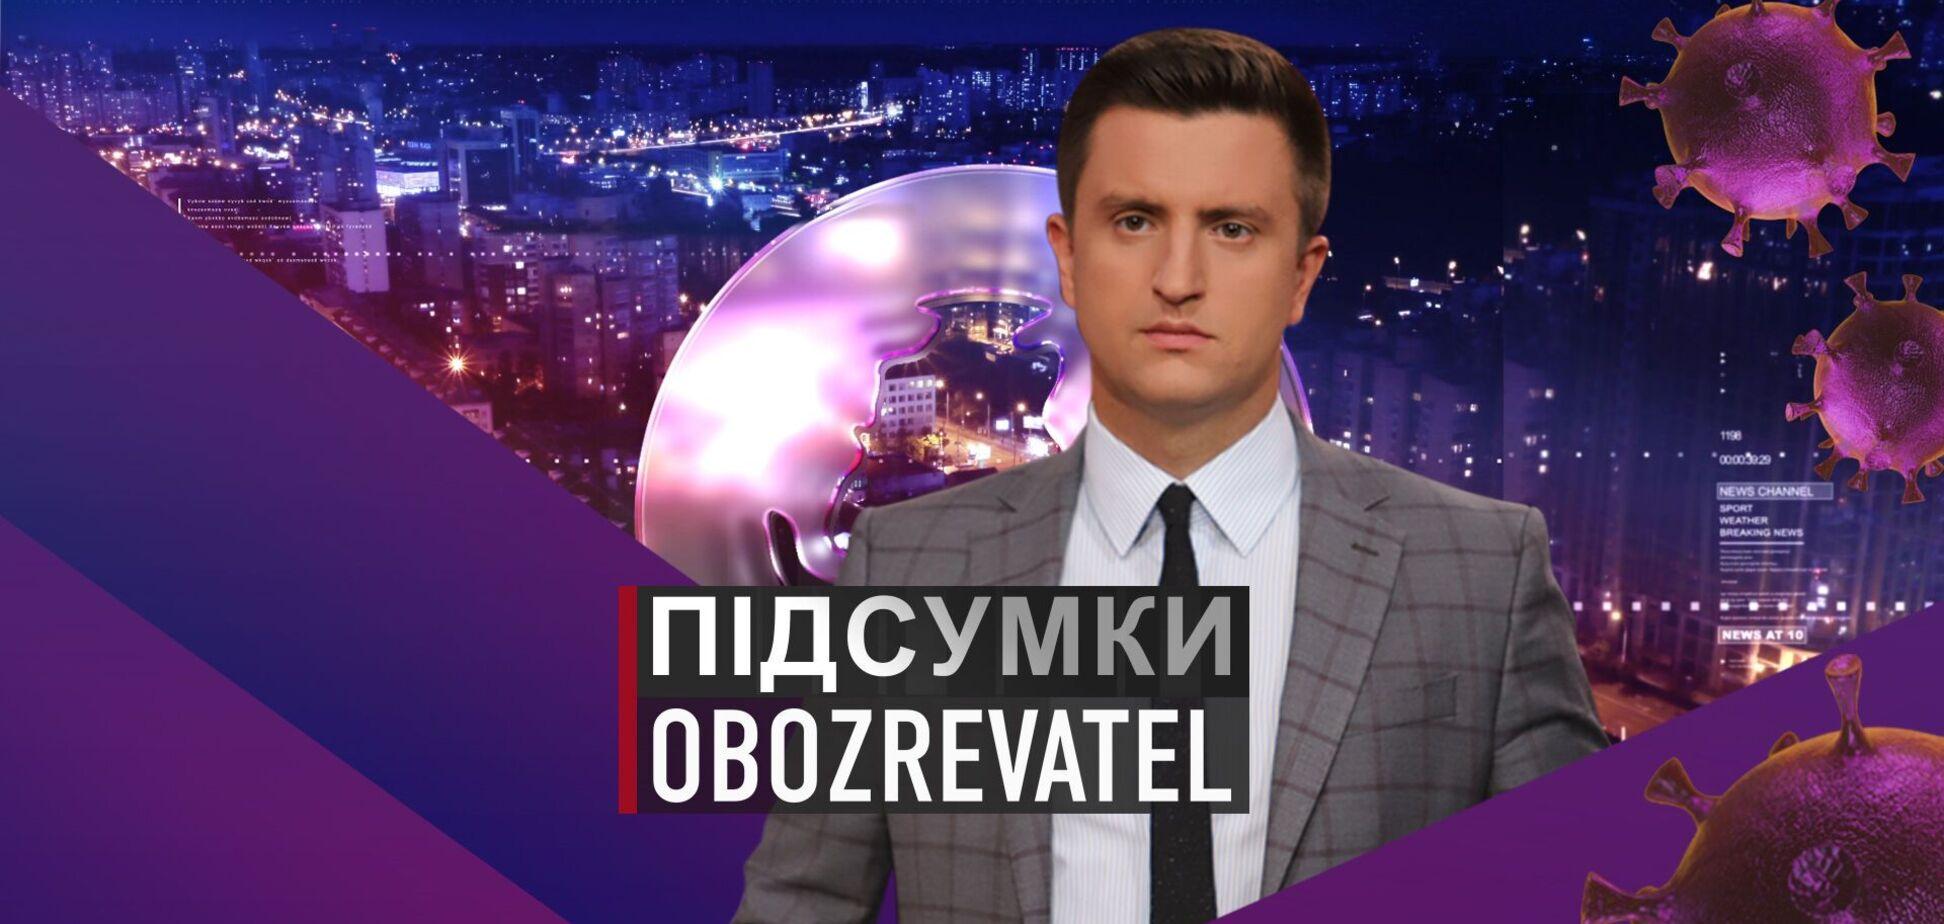 Підсумки з Вадимом Колодійчуком. Понеділок, 17 травня